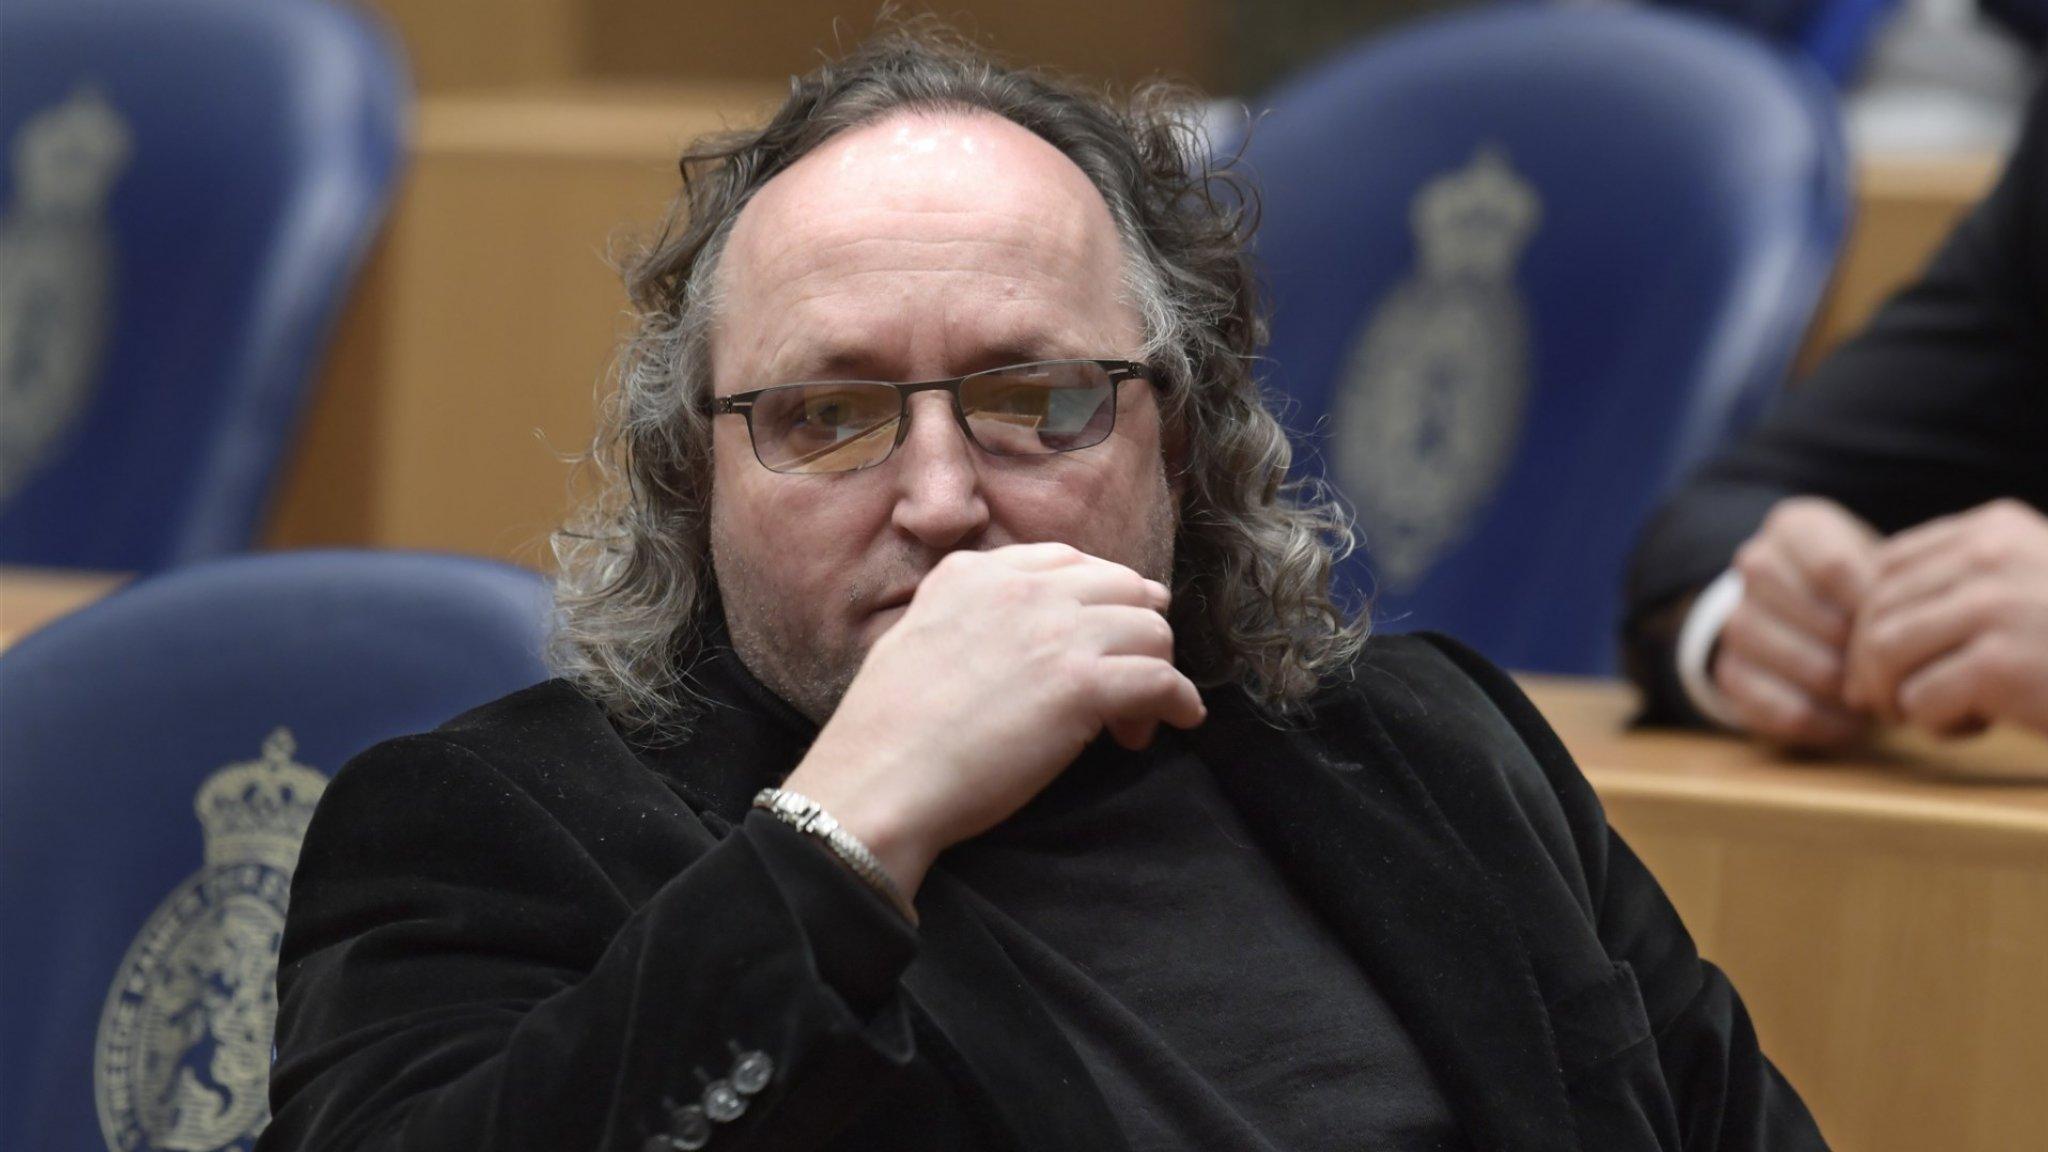 'PVV'er Graus dwong ex-vrouw tot seks met beveiligers' - RTL Nieuws